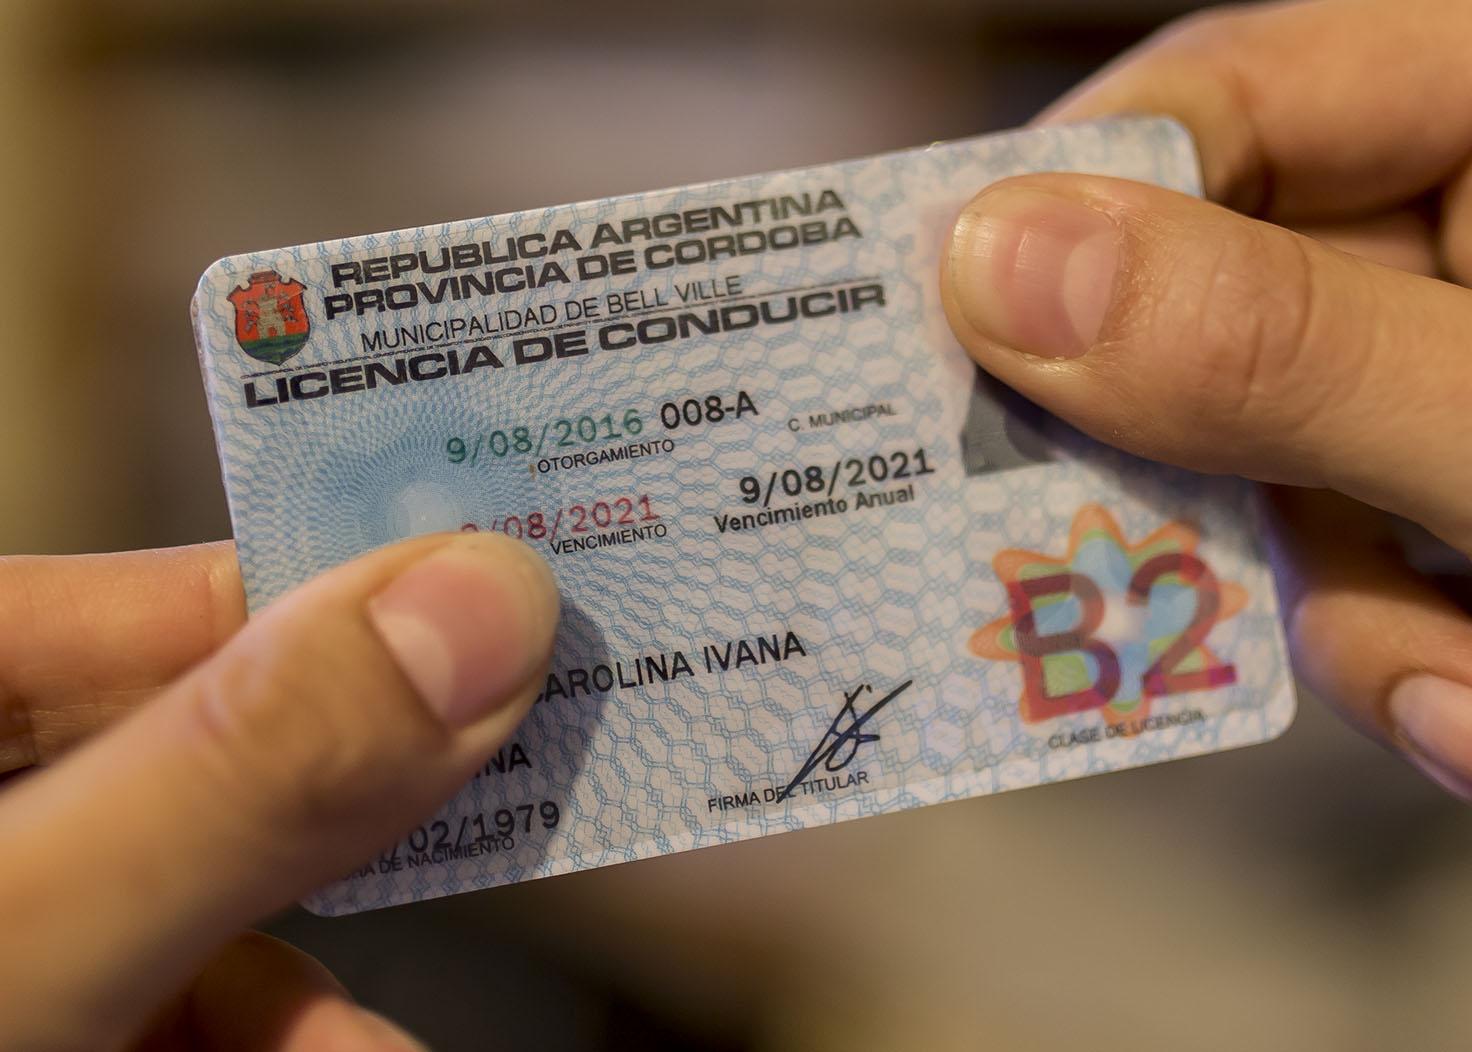 Se Amplia El Horario De Examenes De Manejo Para Carnet De Conducir Municipalidad De Bell Ville